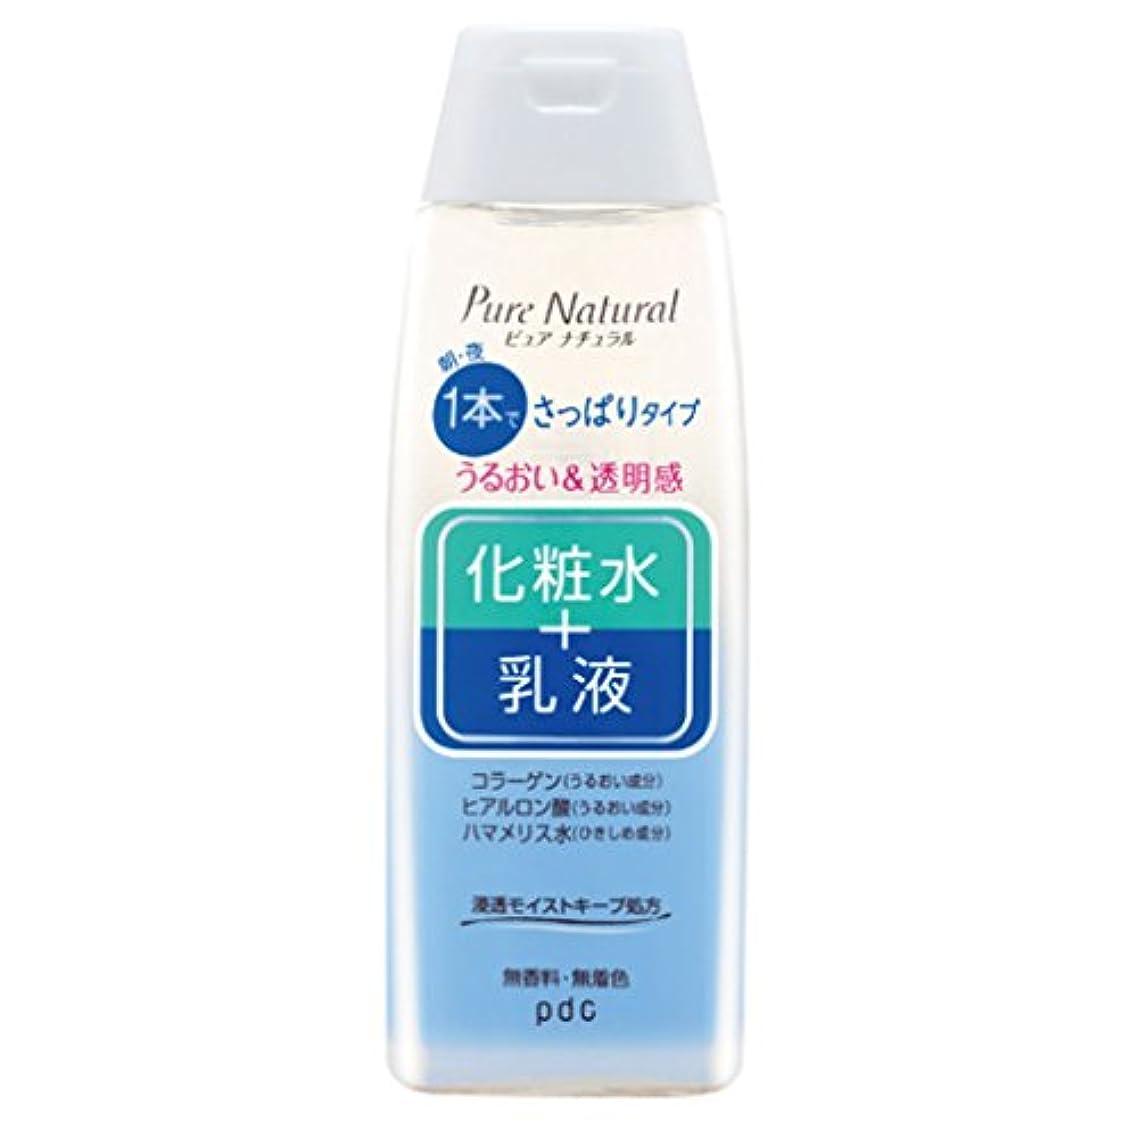 吸うサンダース舗装Pure NATURAL(ピュアナチュラル) エッセンスローションライト 210ml